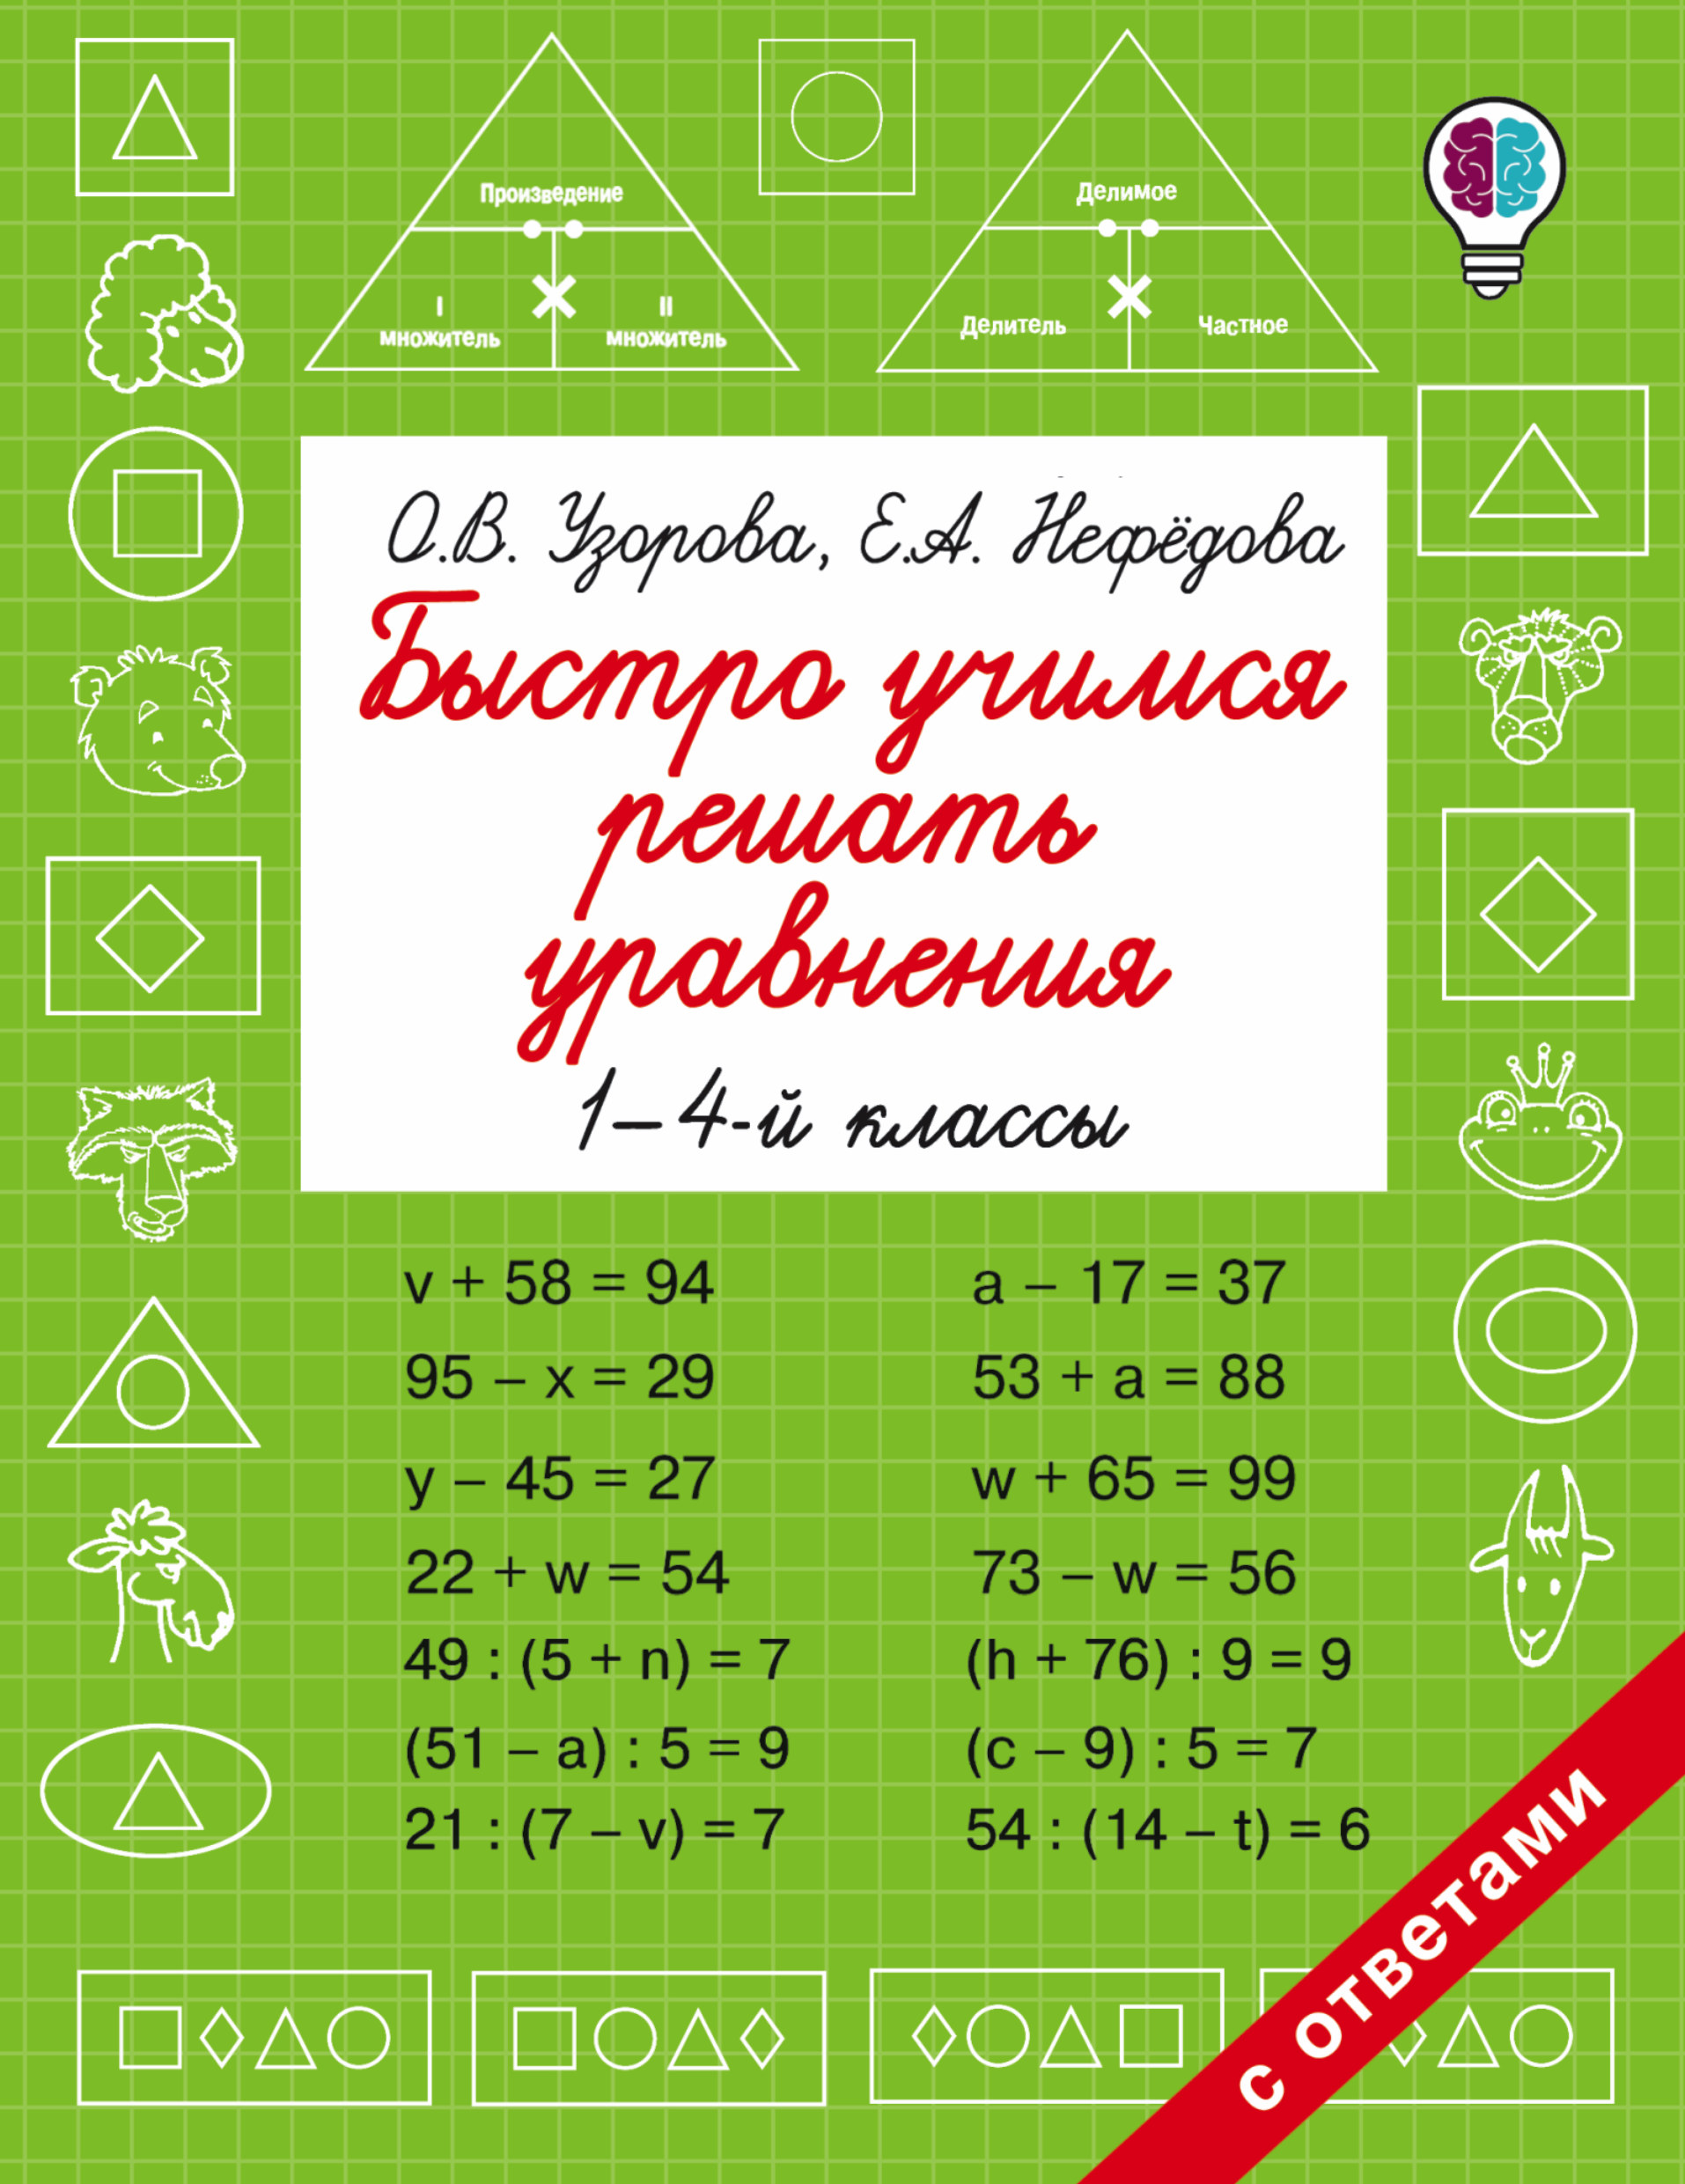 Быстро учимся решать уравнения. 1-4-й классы ( Узорова О.В., Нефедова Е.А.  )